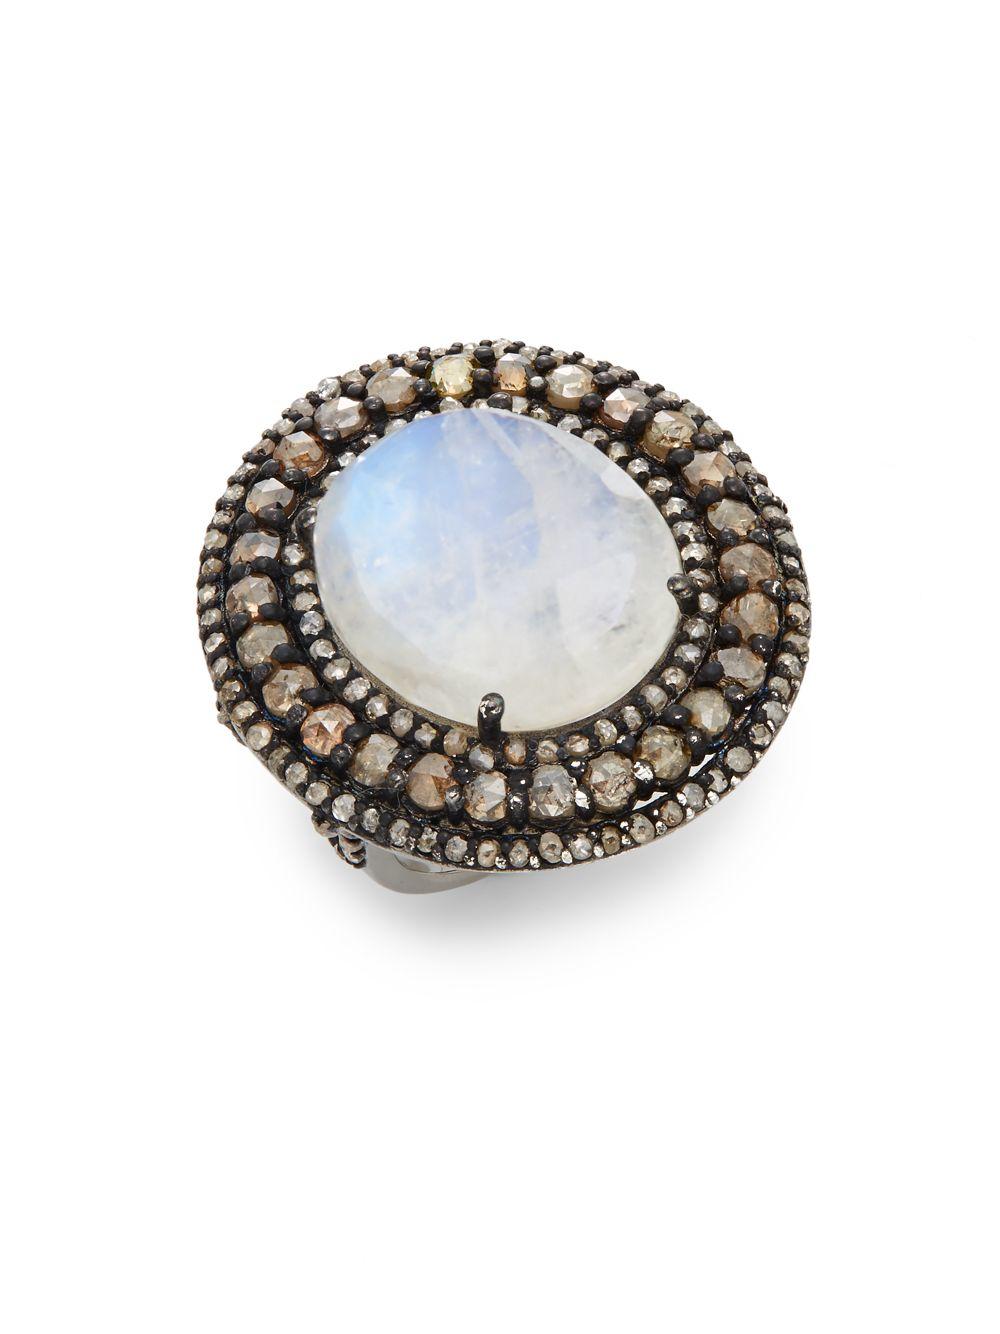 Bavna Moonstone Ring